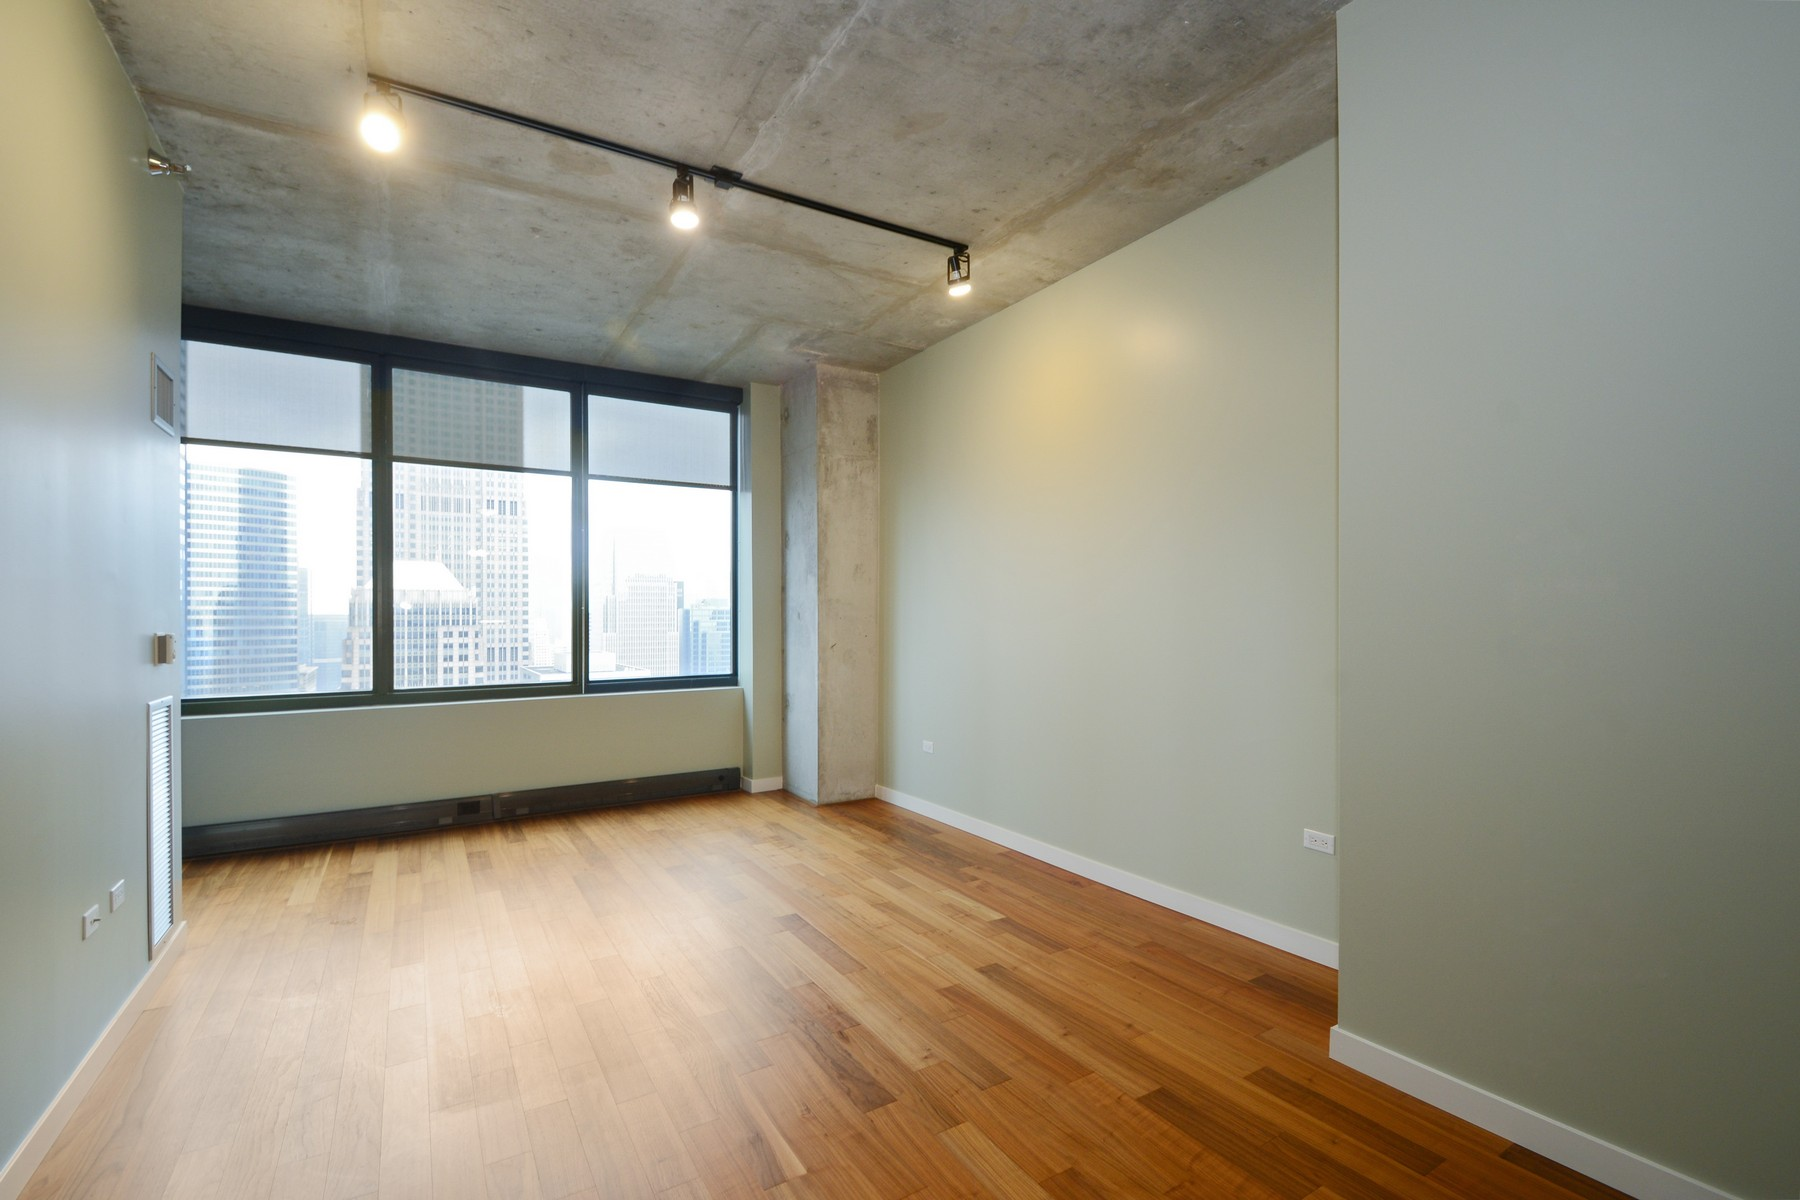 共管式独立产权公寓 为 销售 在 Beautiful Unit with City Views 235 W Van Buren Street Unit 4512 Loop, 芝加哥, 伊利诺斯州 60607 美国